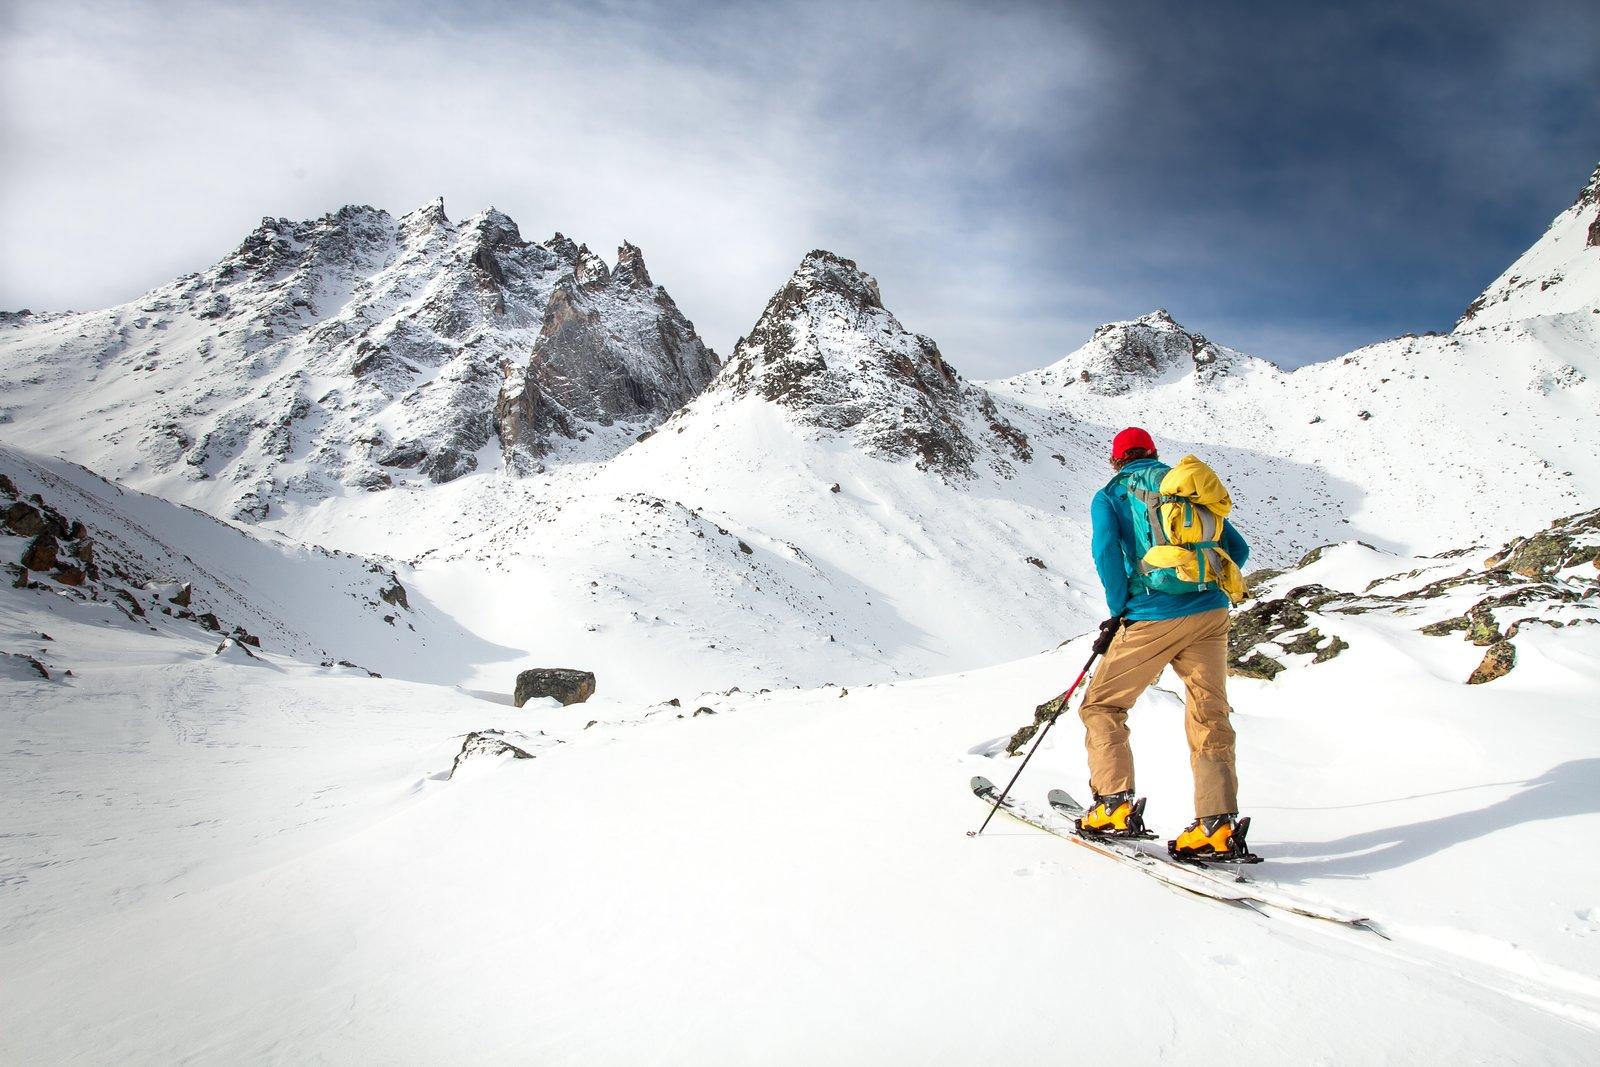 Co spakować na narty? 5 rzeczy, o których nie możesz zapomnieć